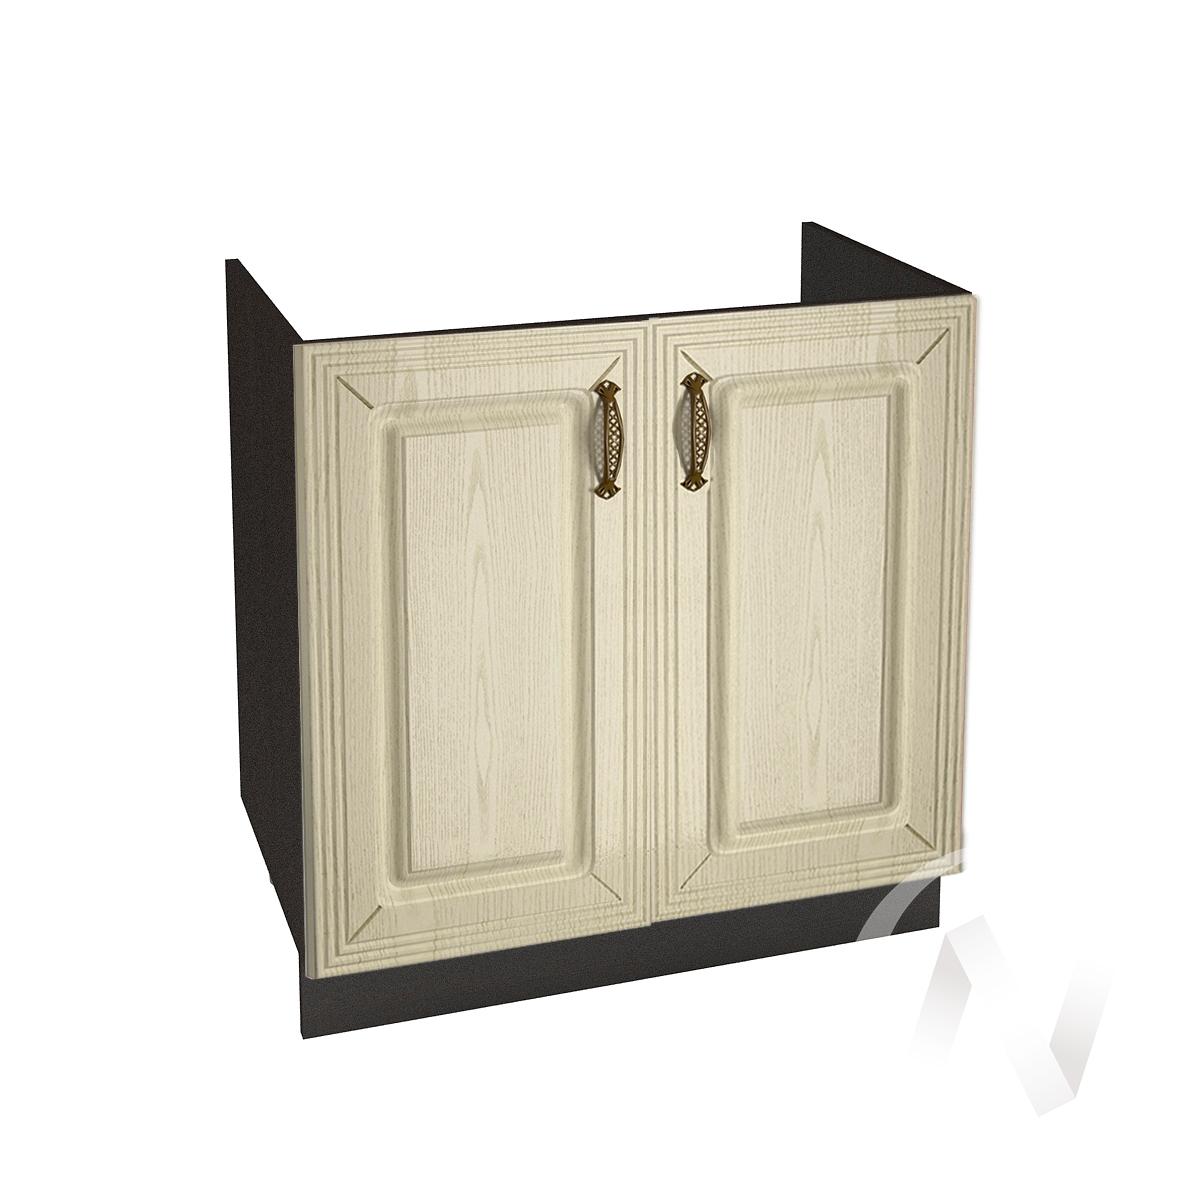 """Кухня """"Изабель"""": Шкаф нижний под мойку 800, ШНМ 800 (корпус венге)"""